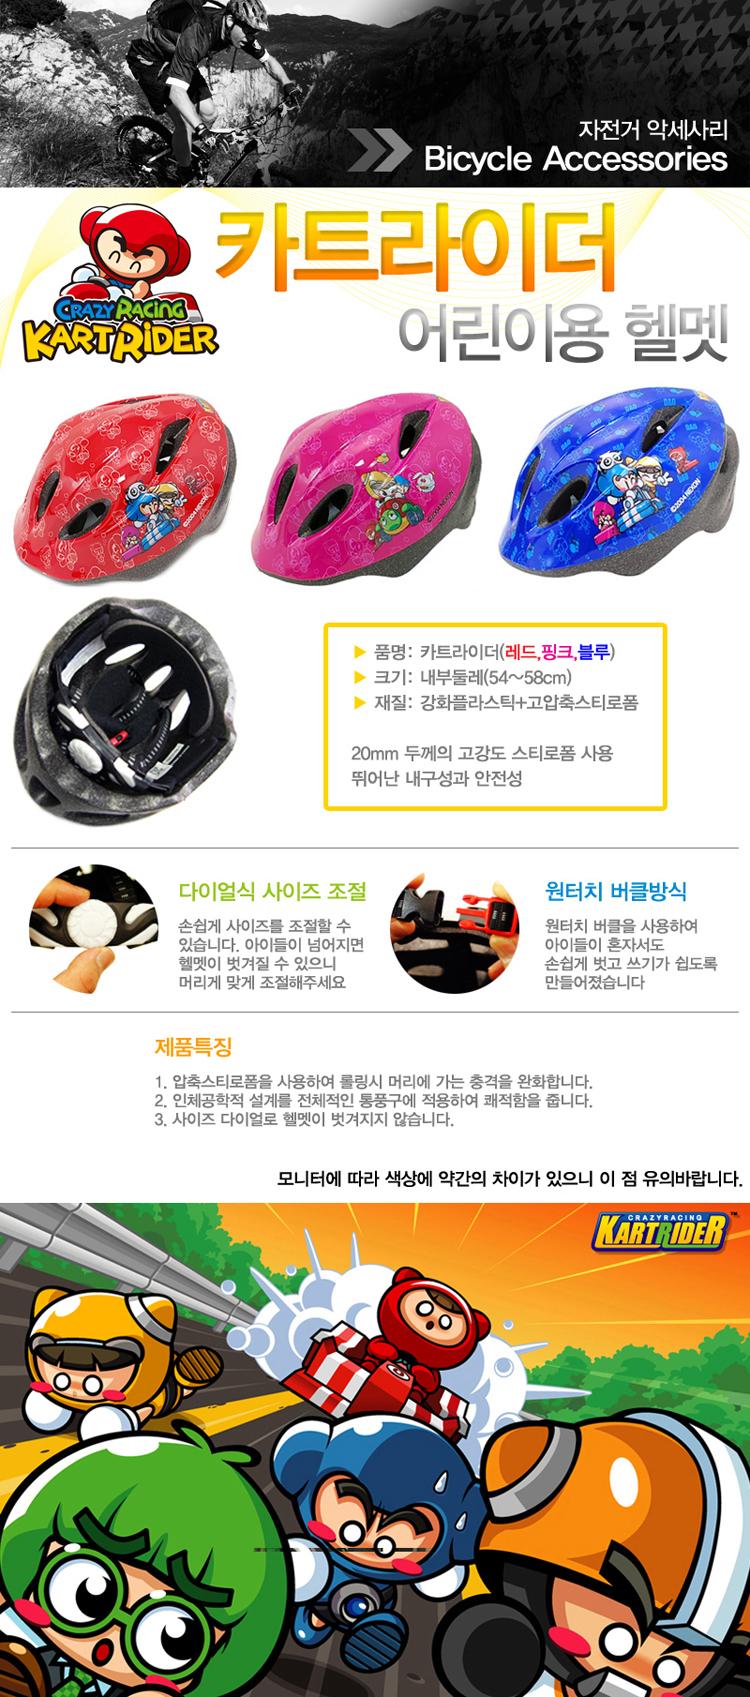 어린이헬멧,헬멧,캐릭터헬멧,키즈헬멧,어린이보호구,안전헬멧,어린이안전헬멧,아동헬멧